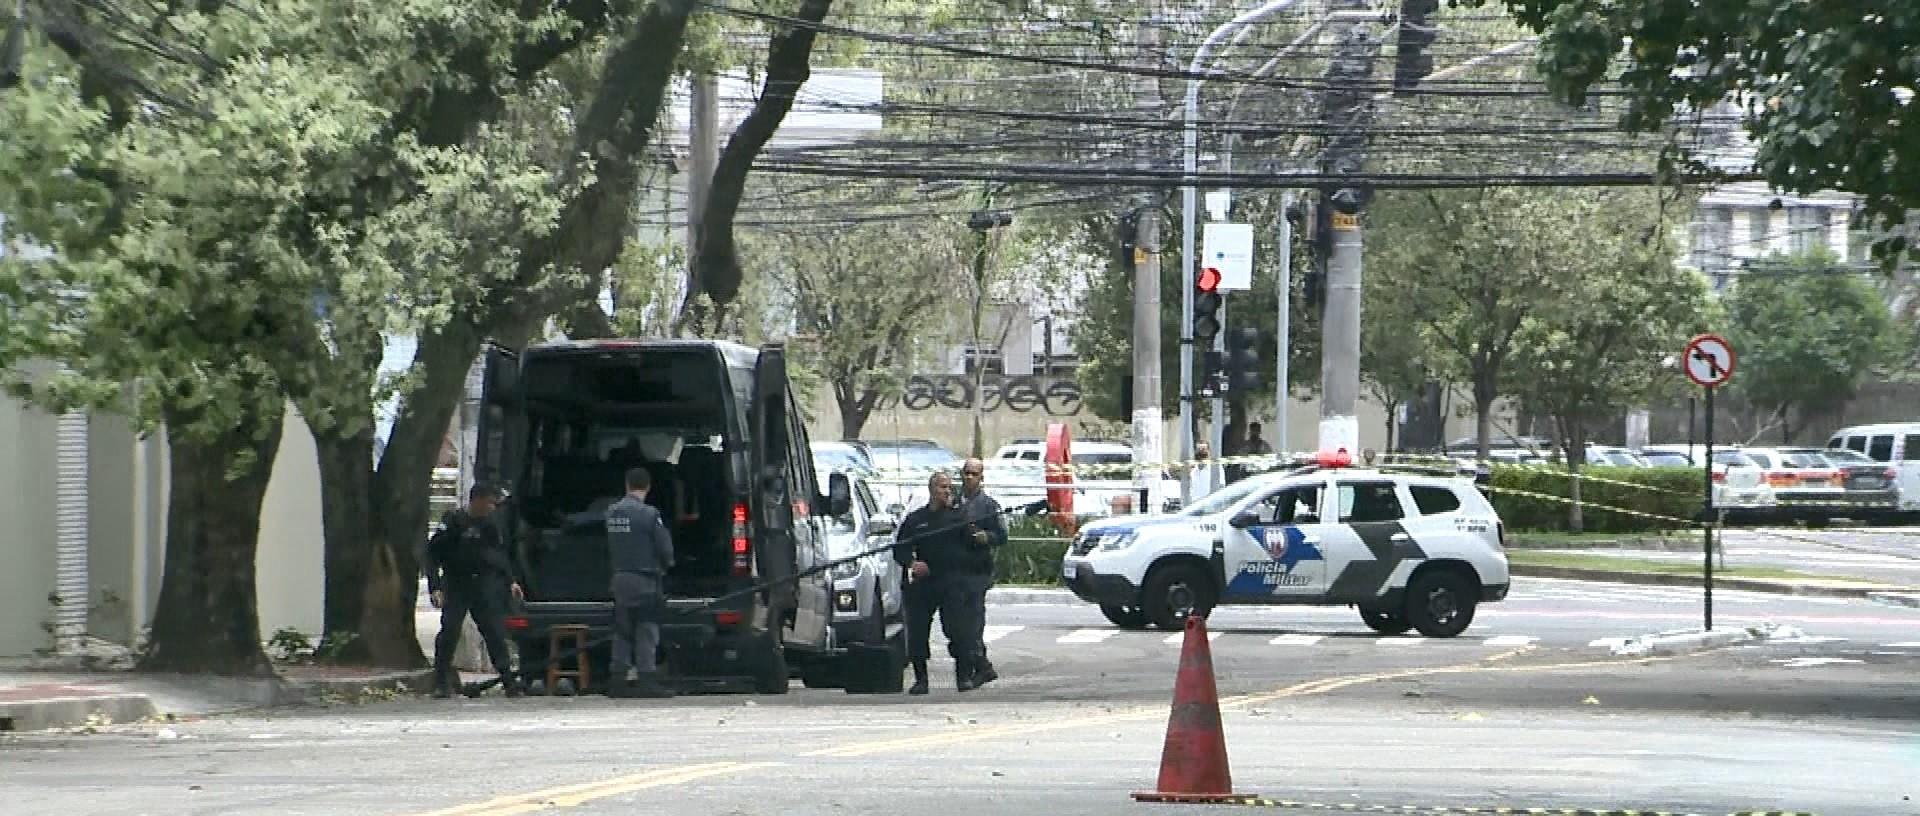 Esquadrão antibombas detona explosivo caseiro encontrado em Vitória